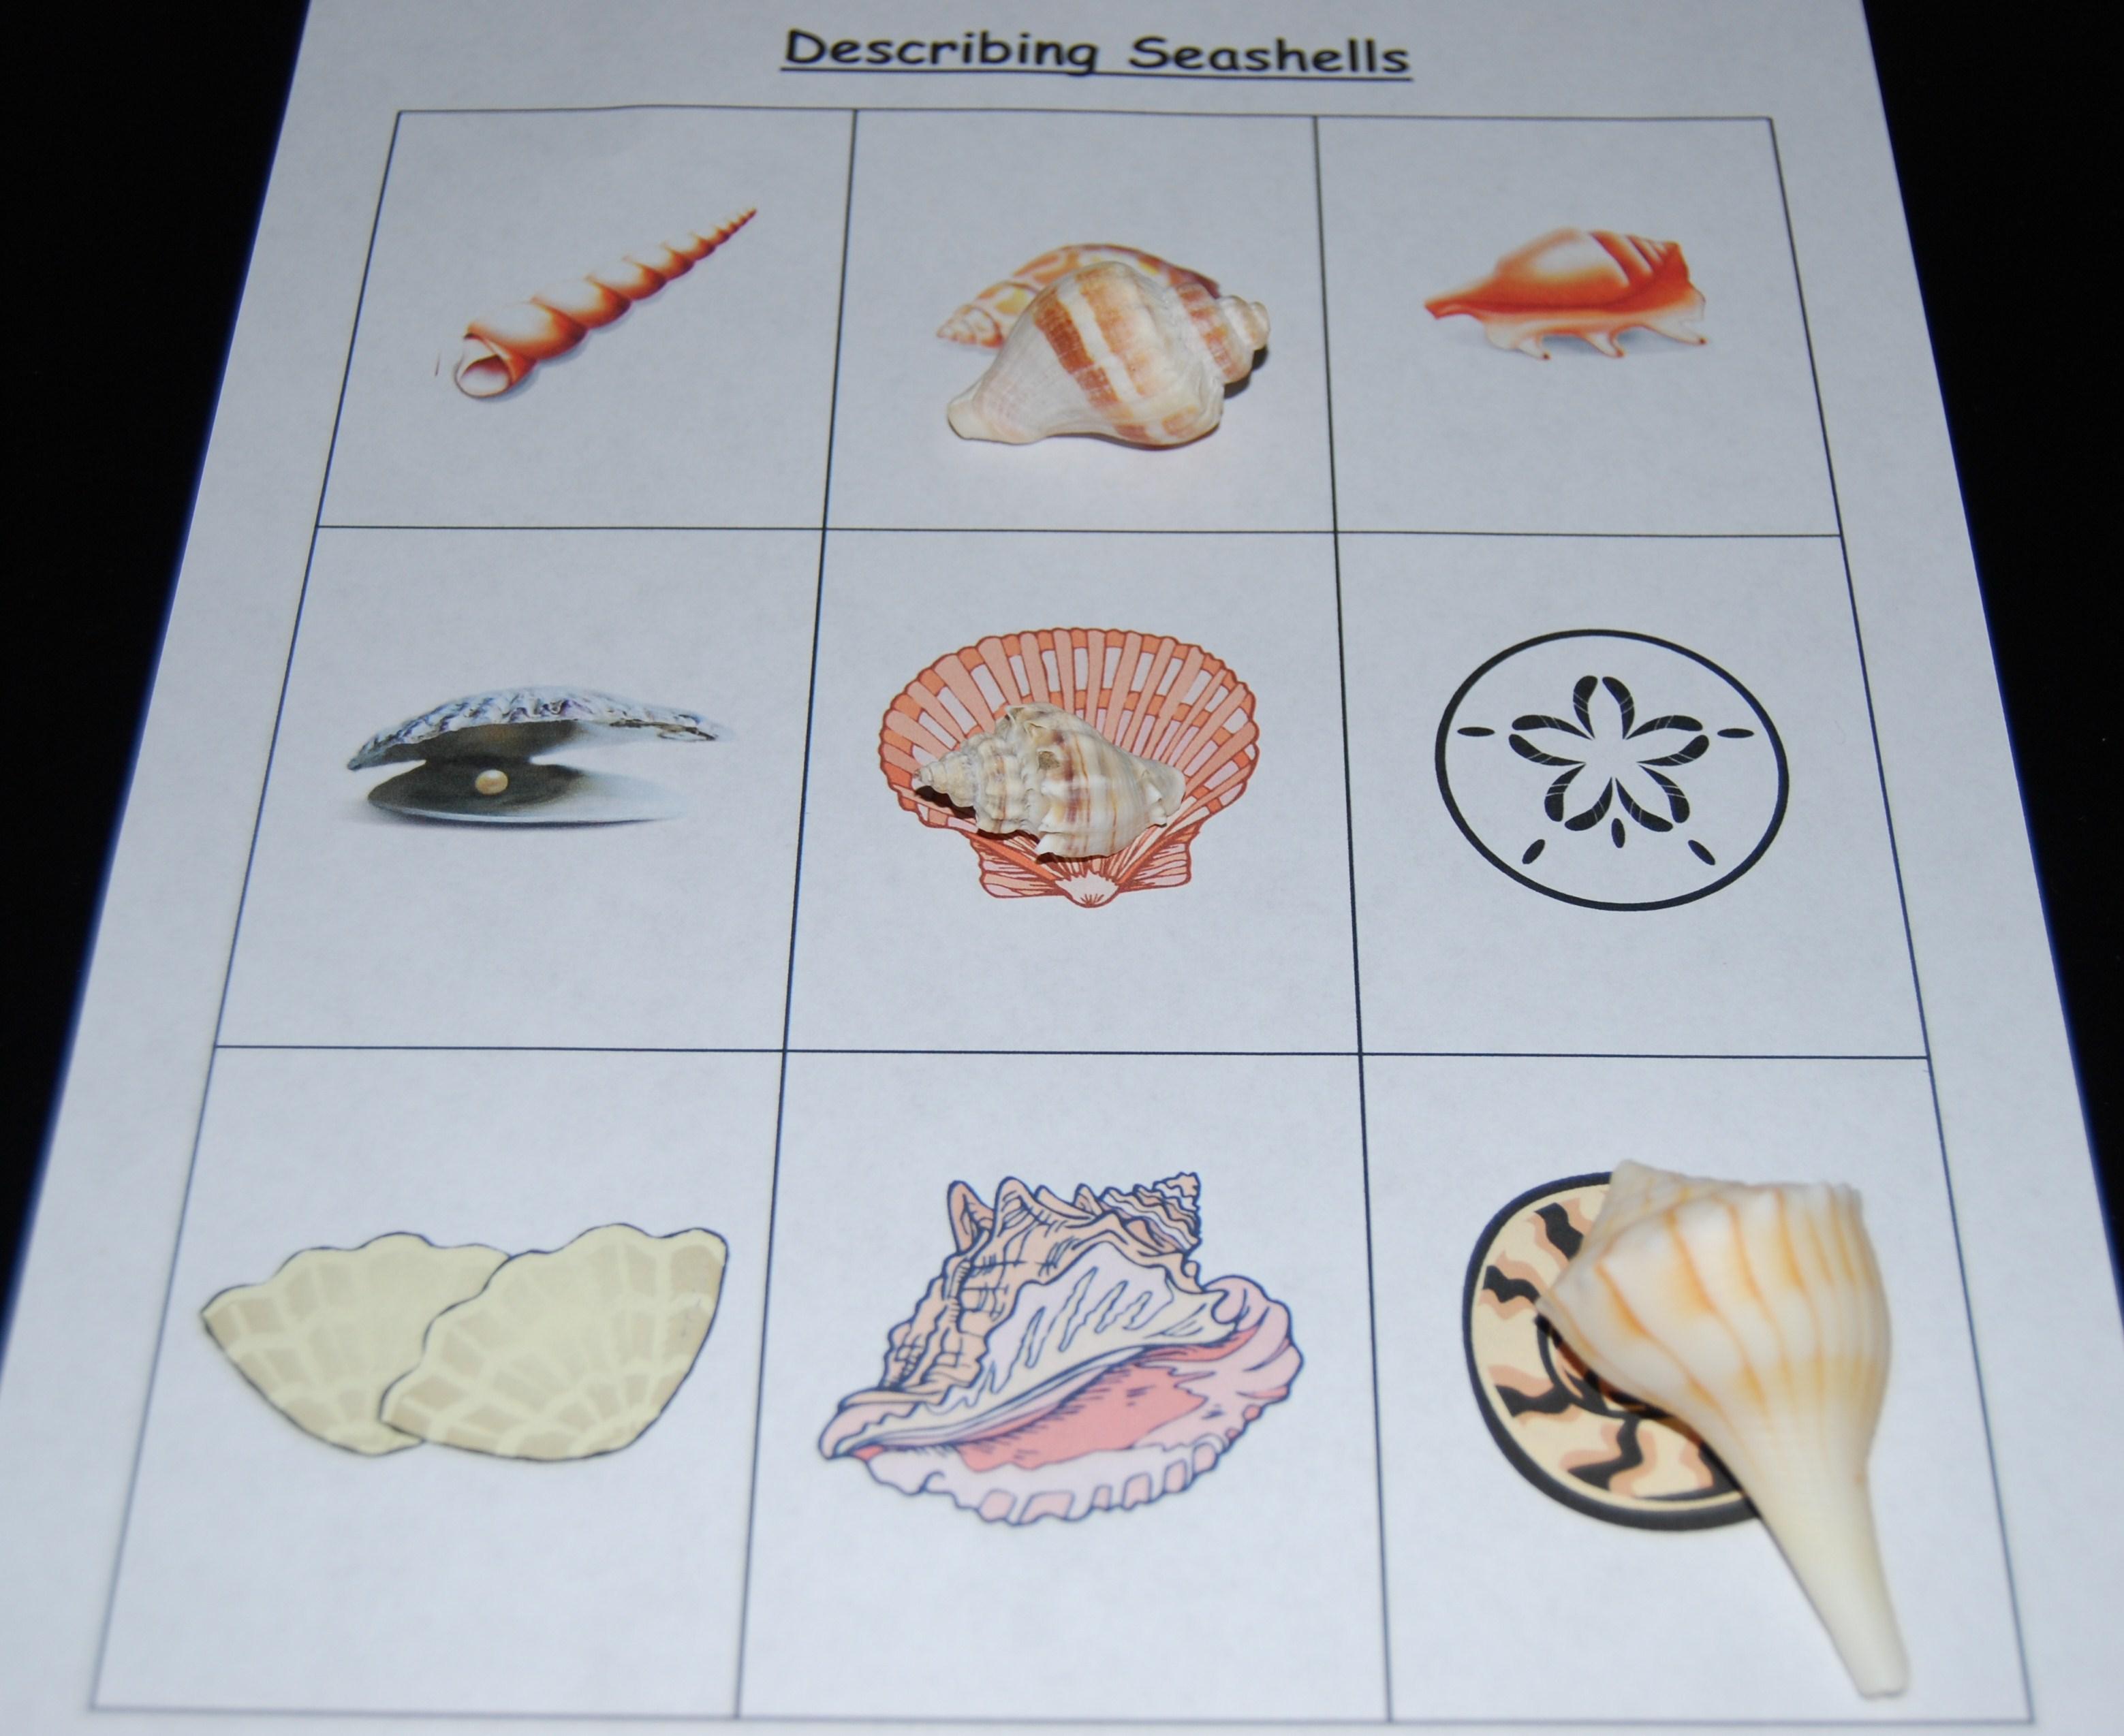 Describing Seashells The Preschool Toolbox Blog